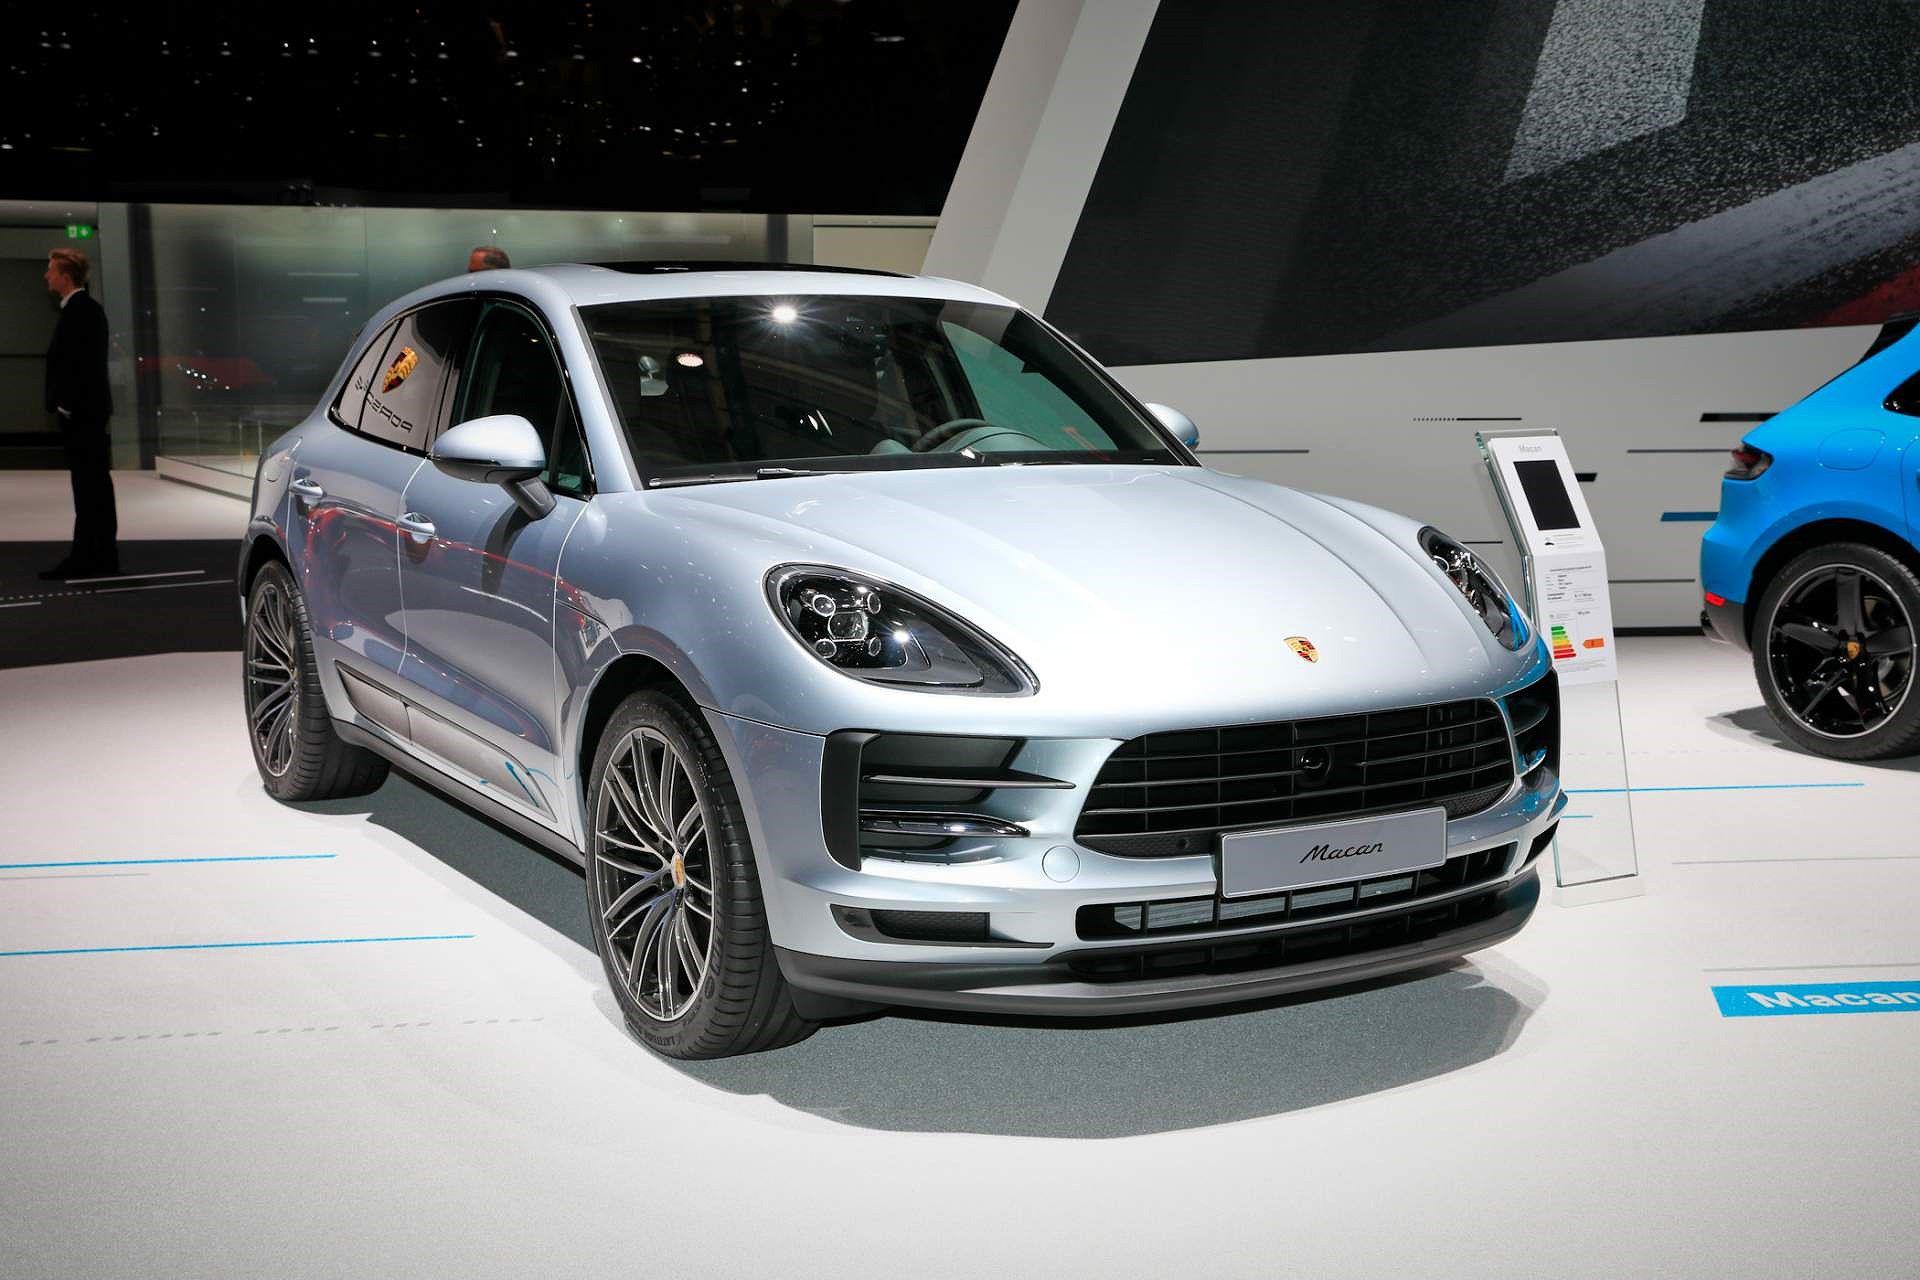 Porsche Macan ra mắt châu Âu với động cơ 242 mã lực Ảnh 2